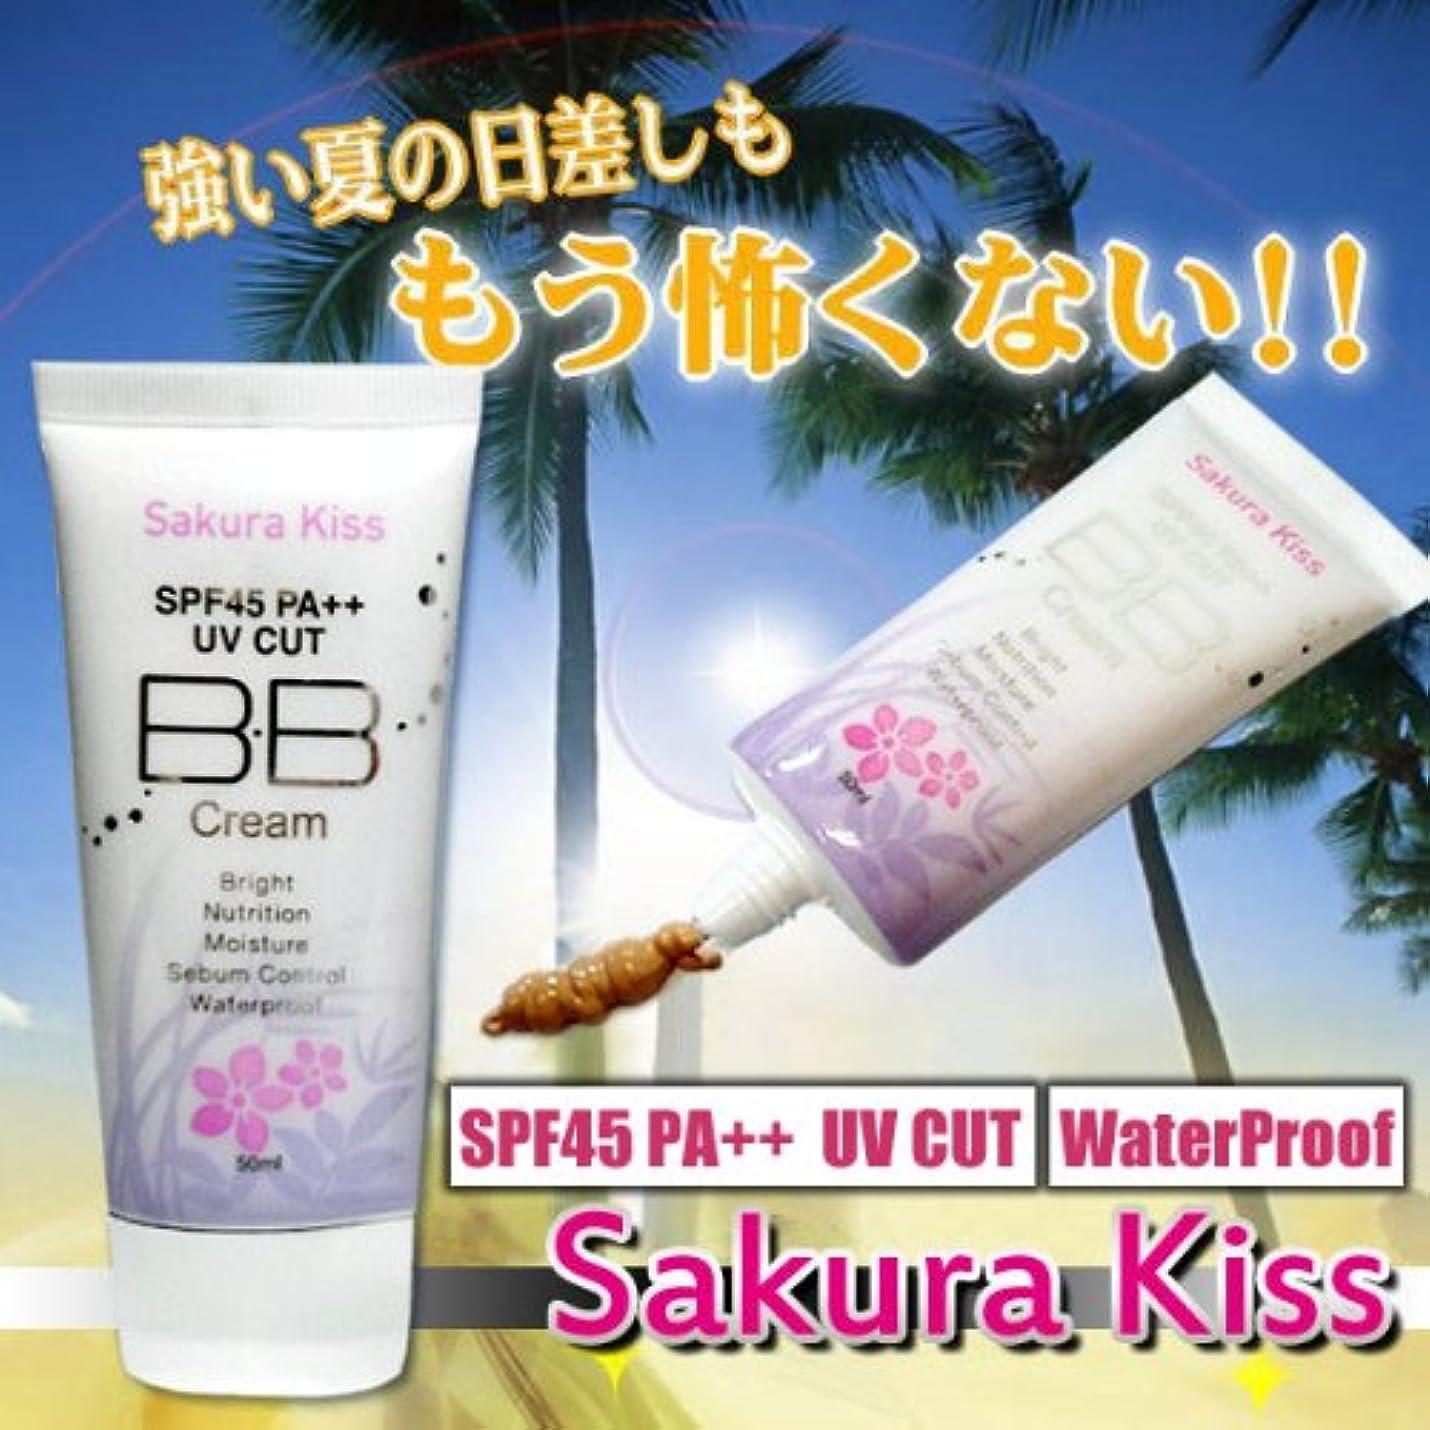 切り刻むに勝る活性化するSakura Kiss BBクリーム UVプロテクト SPF45PA++ 50ml